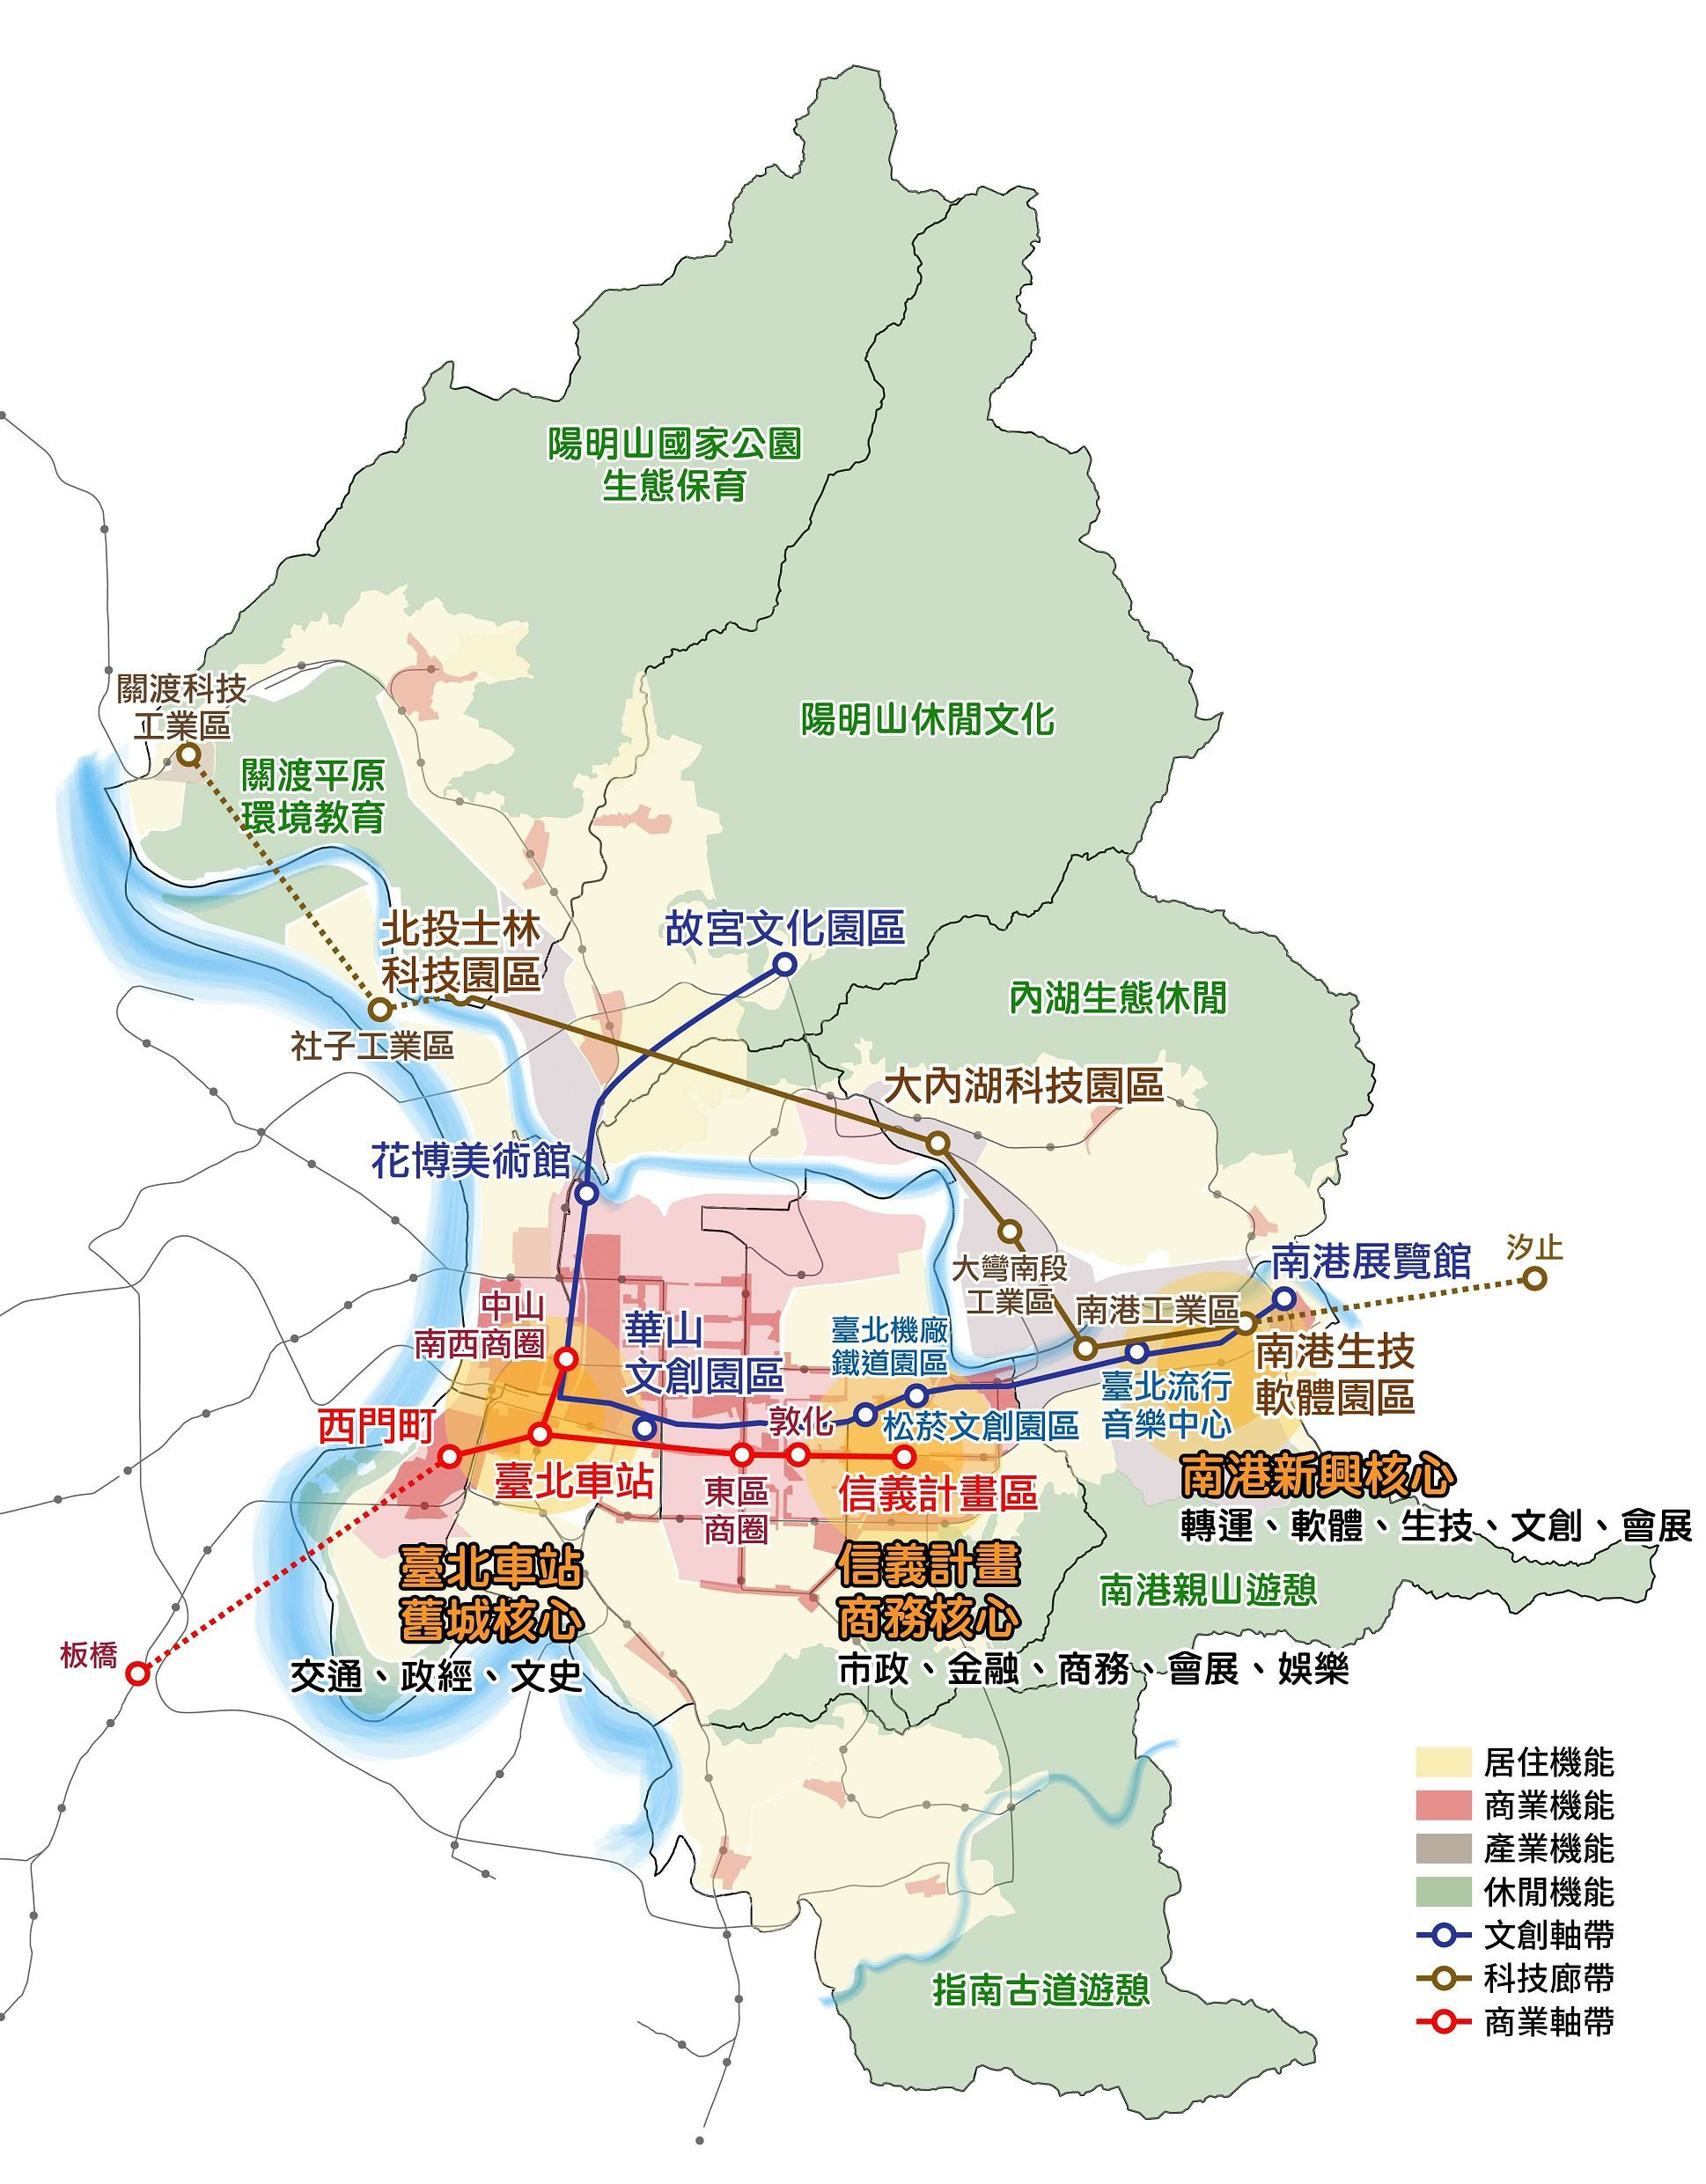 臺北市構想泡泡圖0423-01